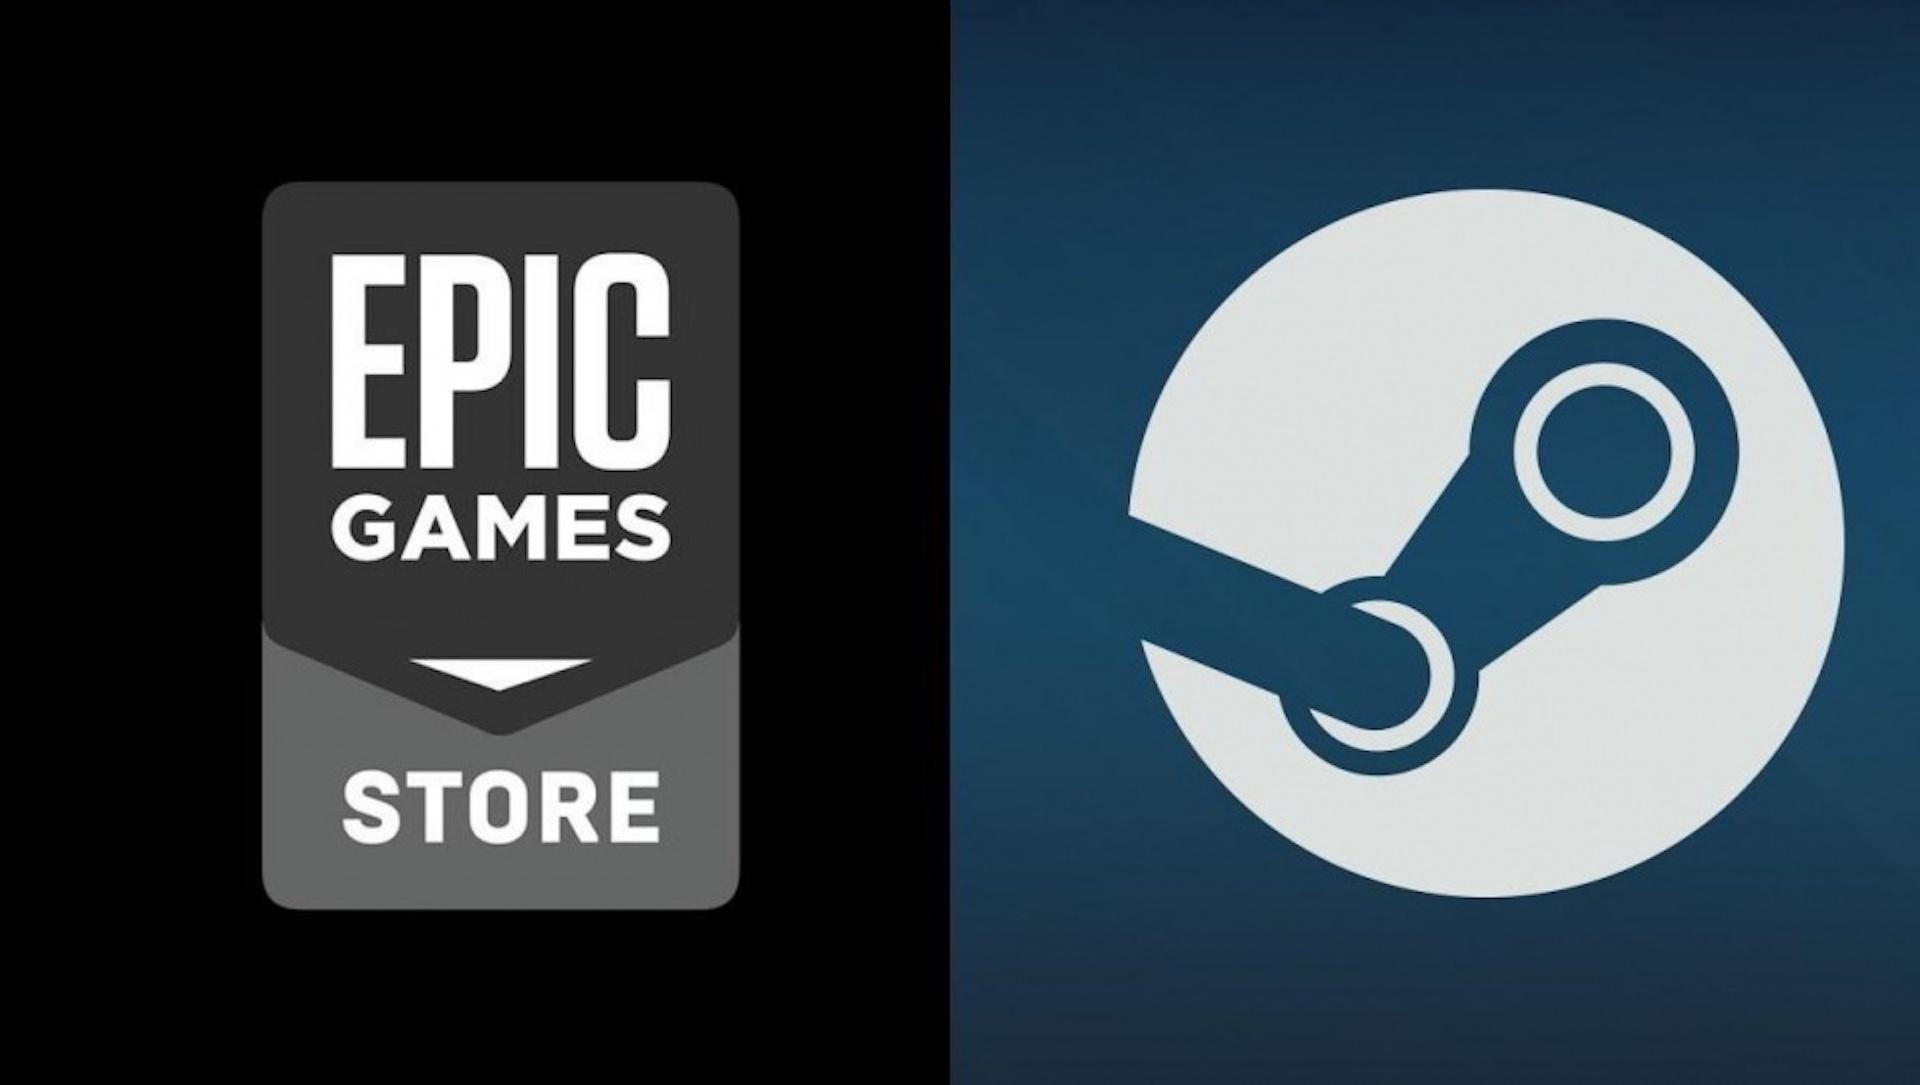 مدیرعامل اپیک گیمز از استراتژی انحصارگرایانهی این شرکت دفاع میکند